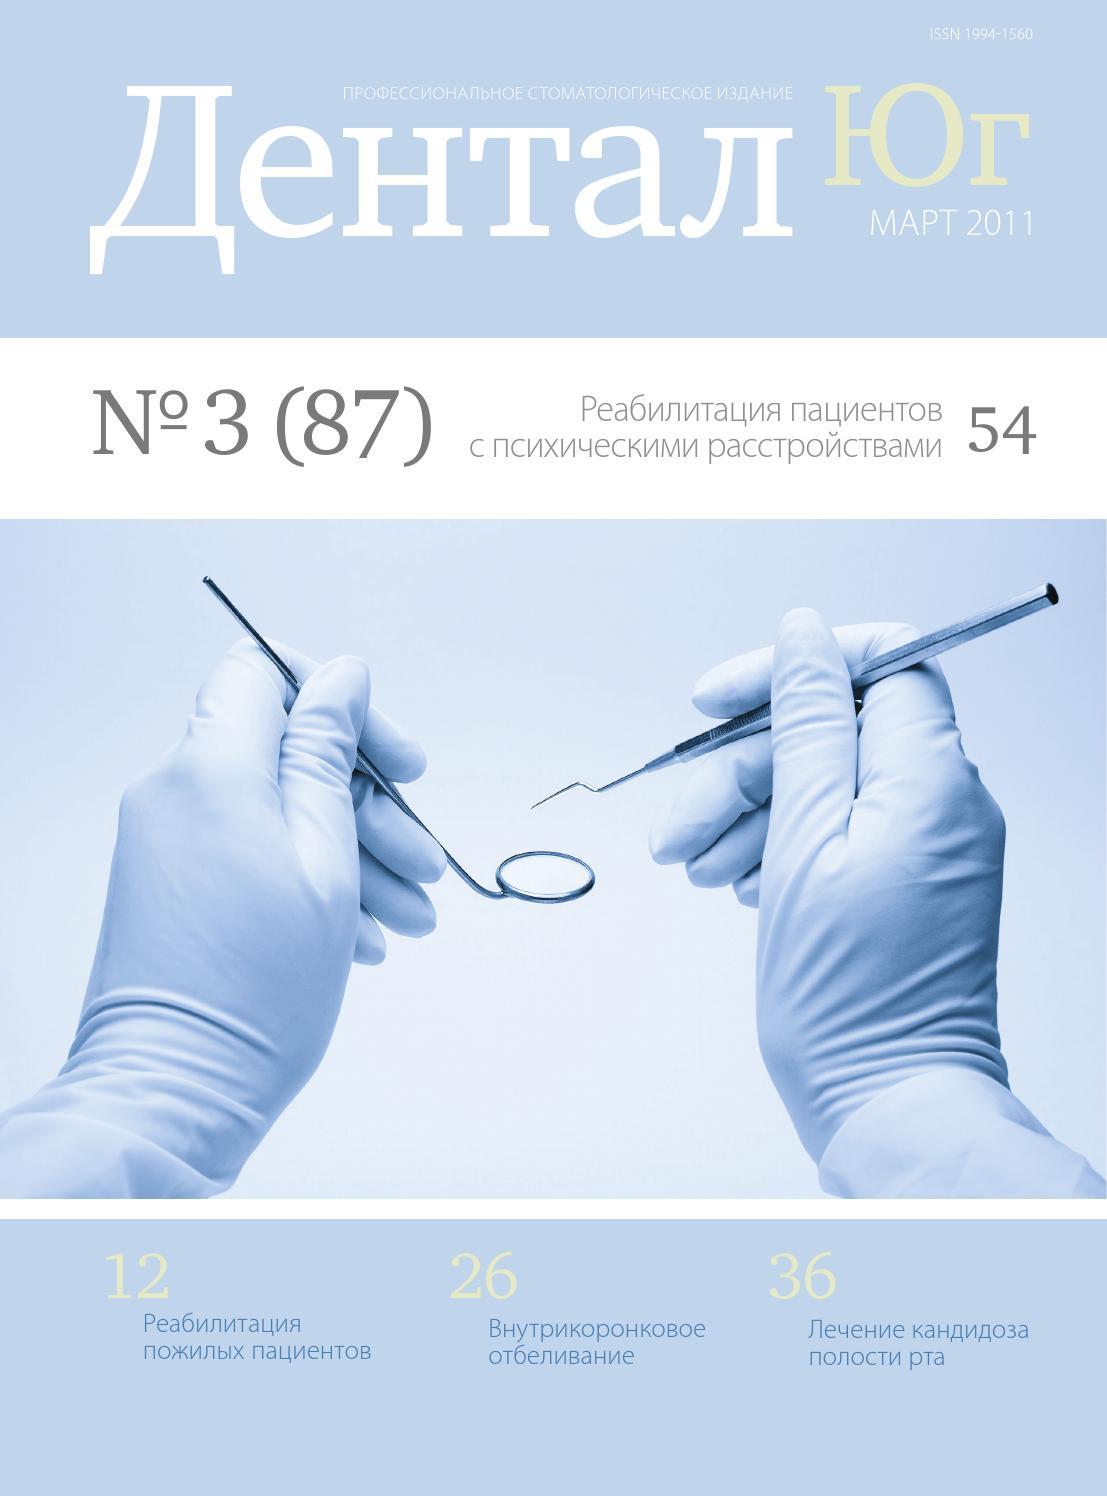 гласперленовый стерилизатор для стоматологии инструкция microsoft сертификат и рег удостоверение